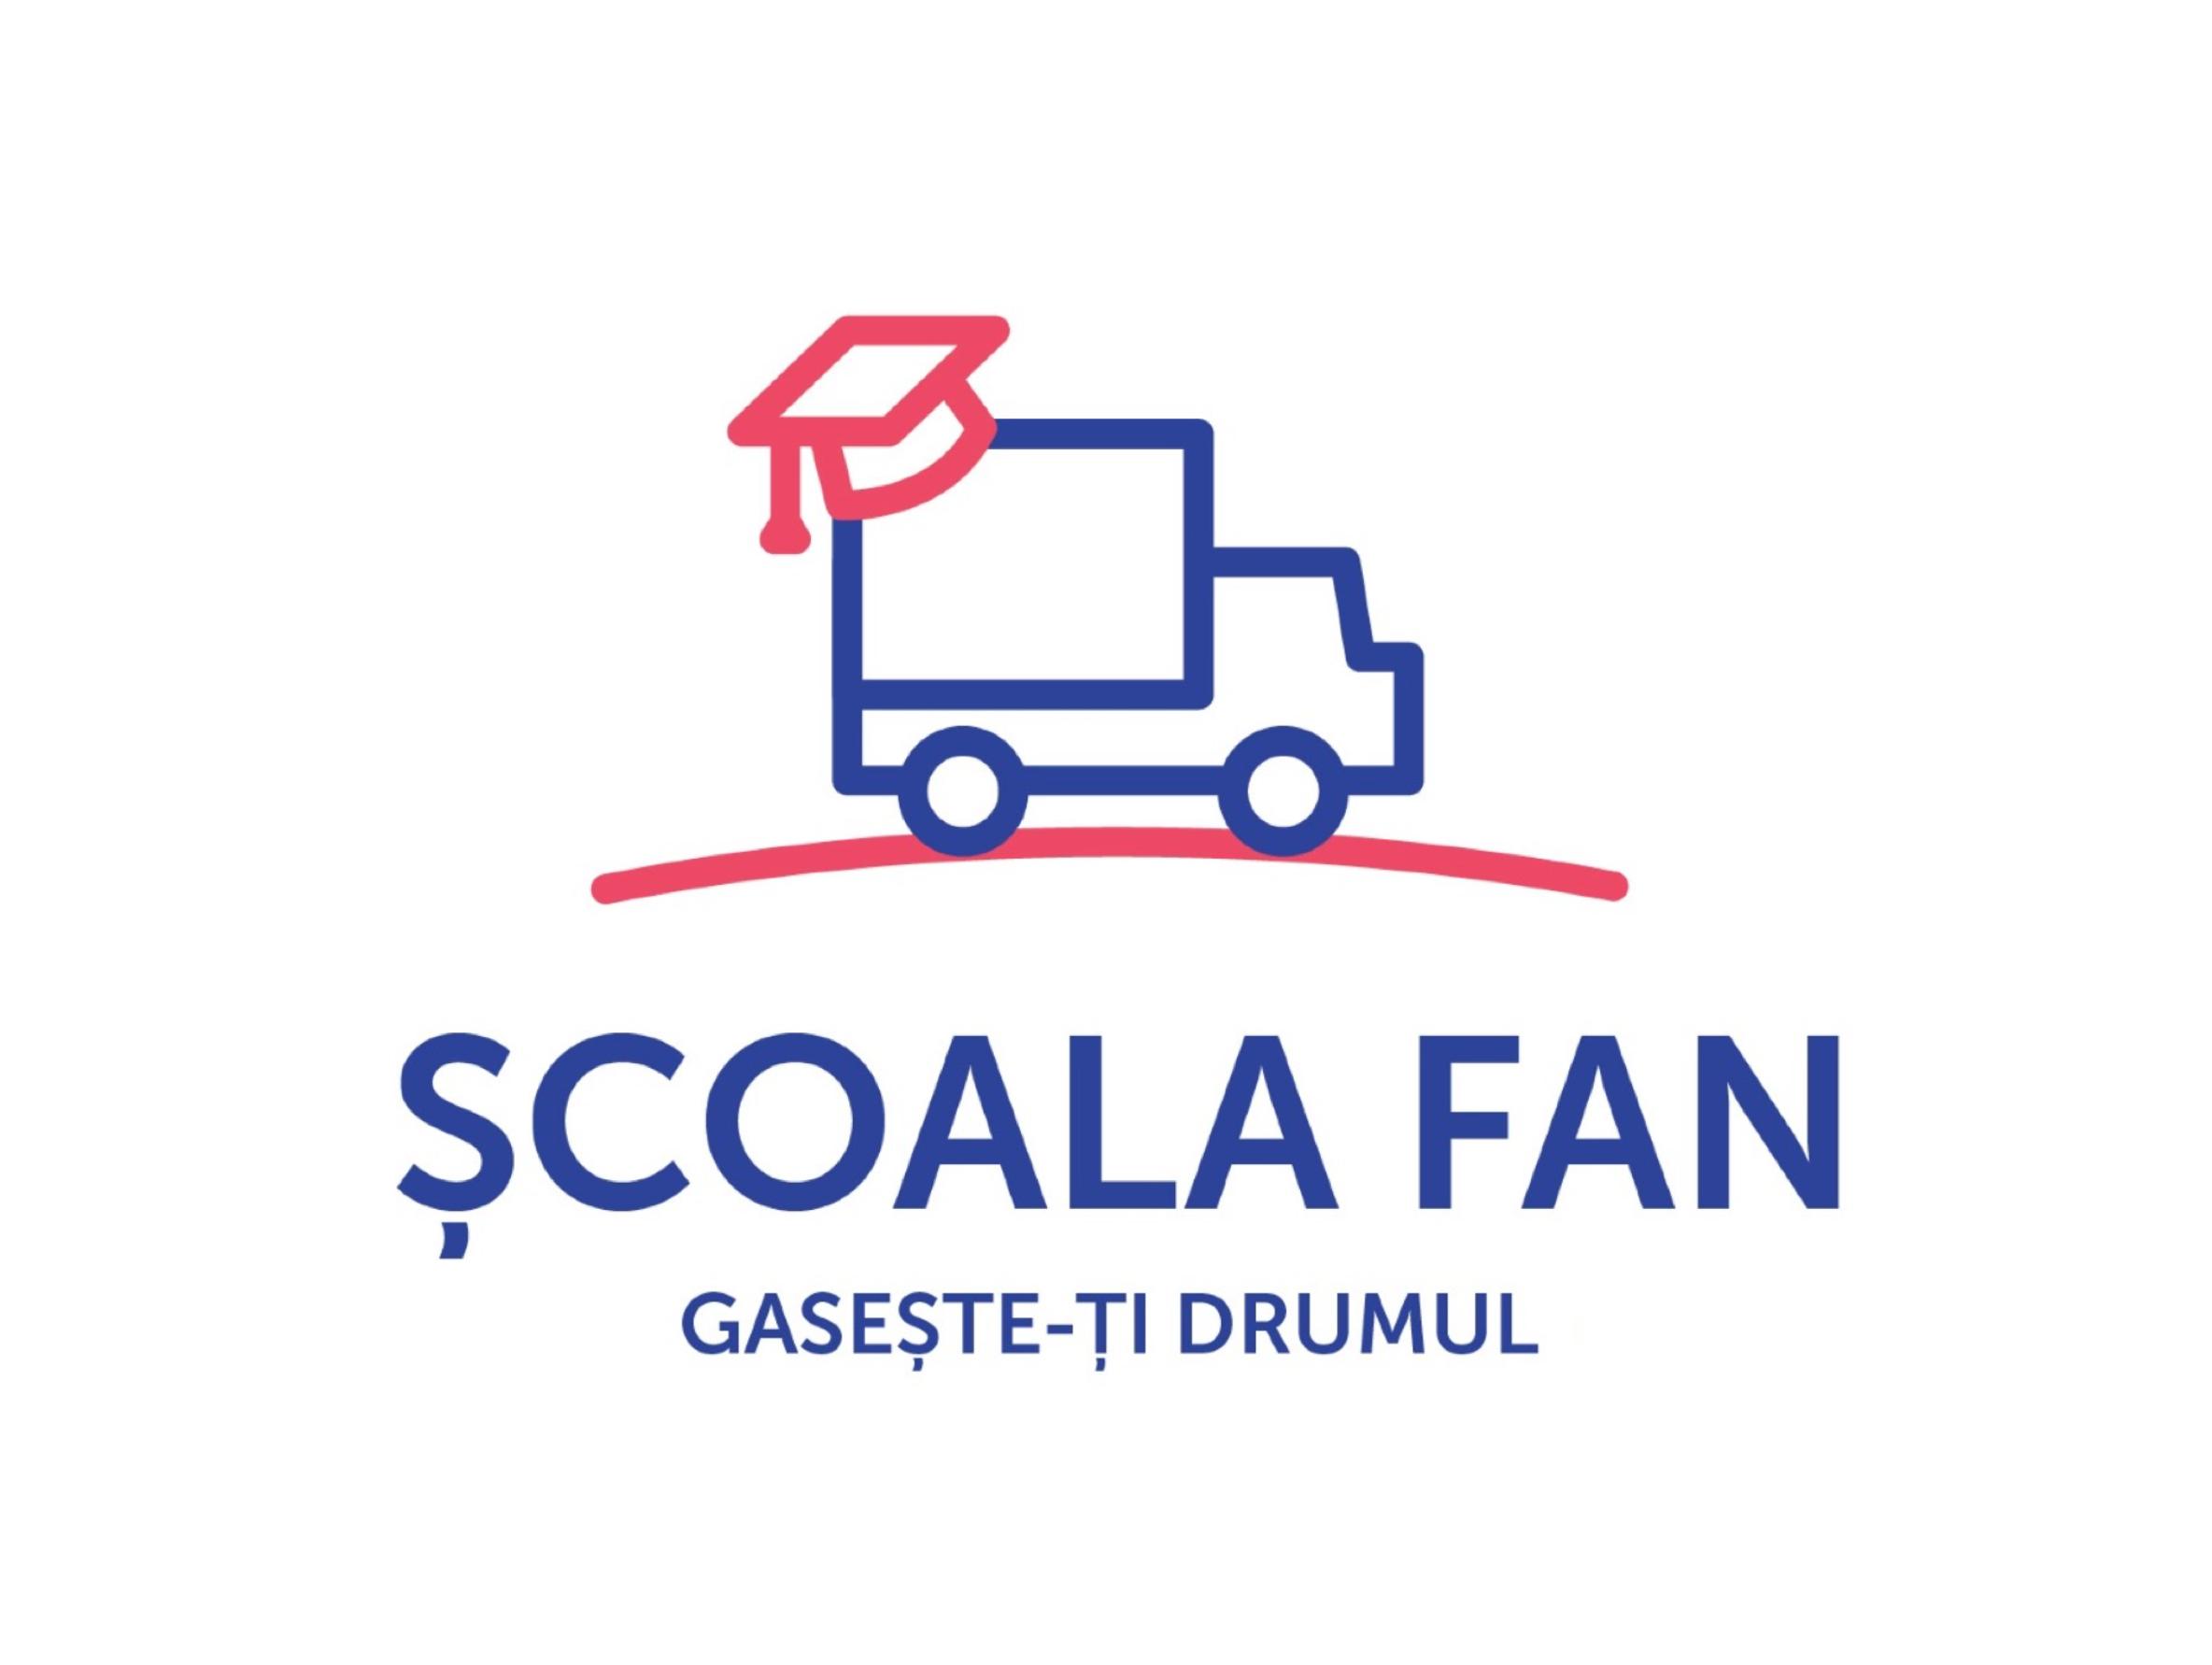 scoala-fan-logo